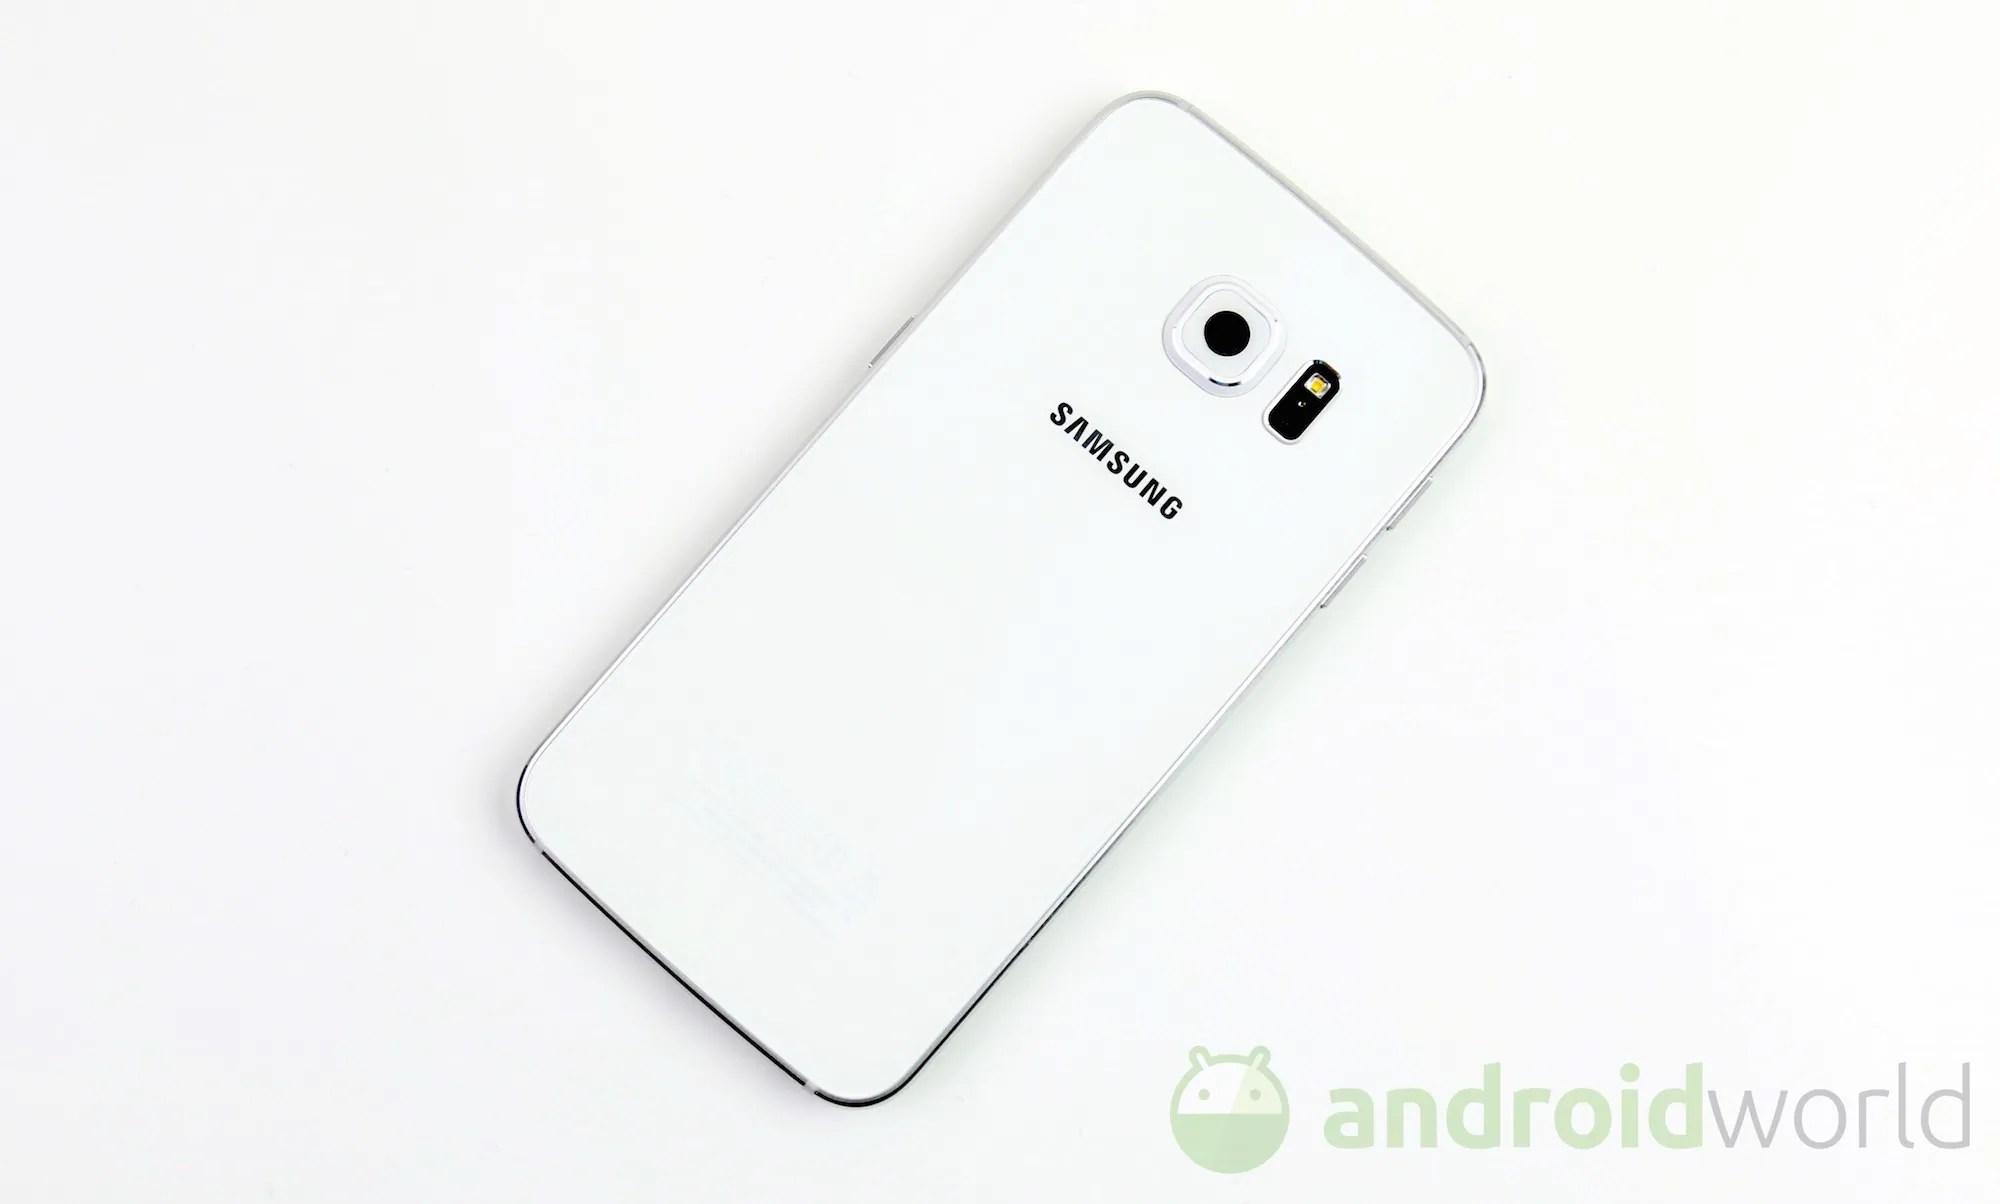 Galaxy S6 (edge): novità fotocamera in Android 5.1.1